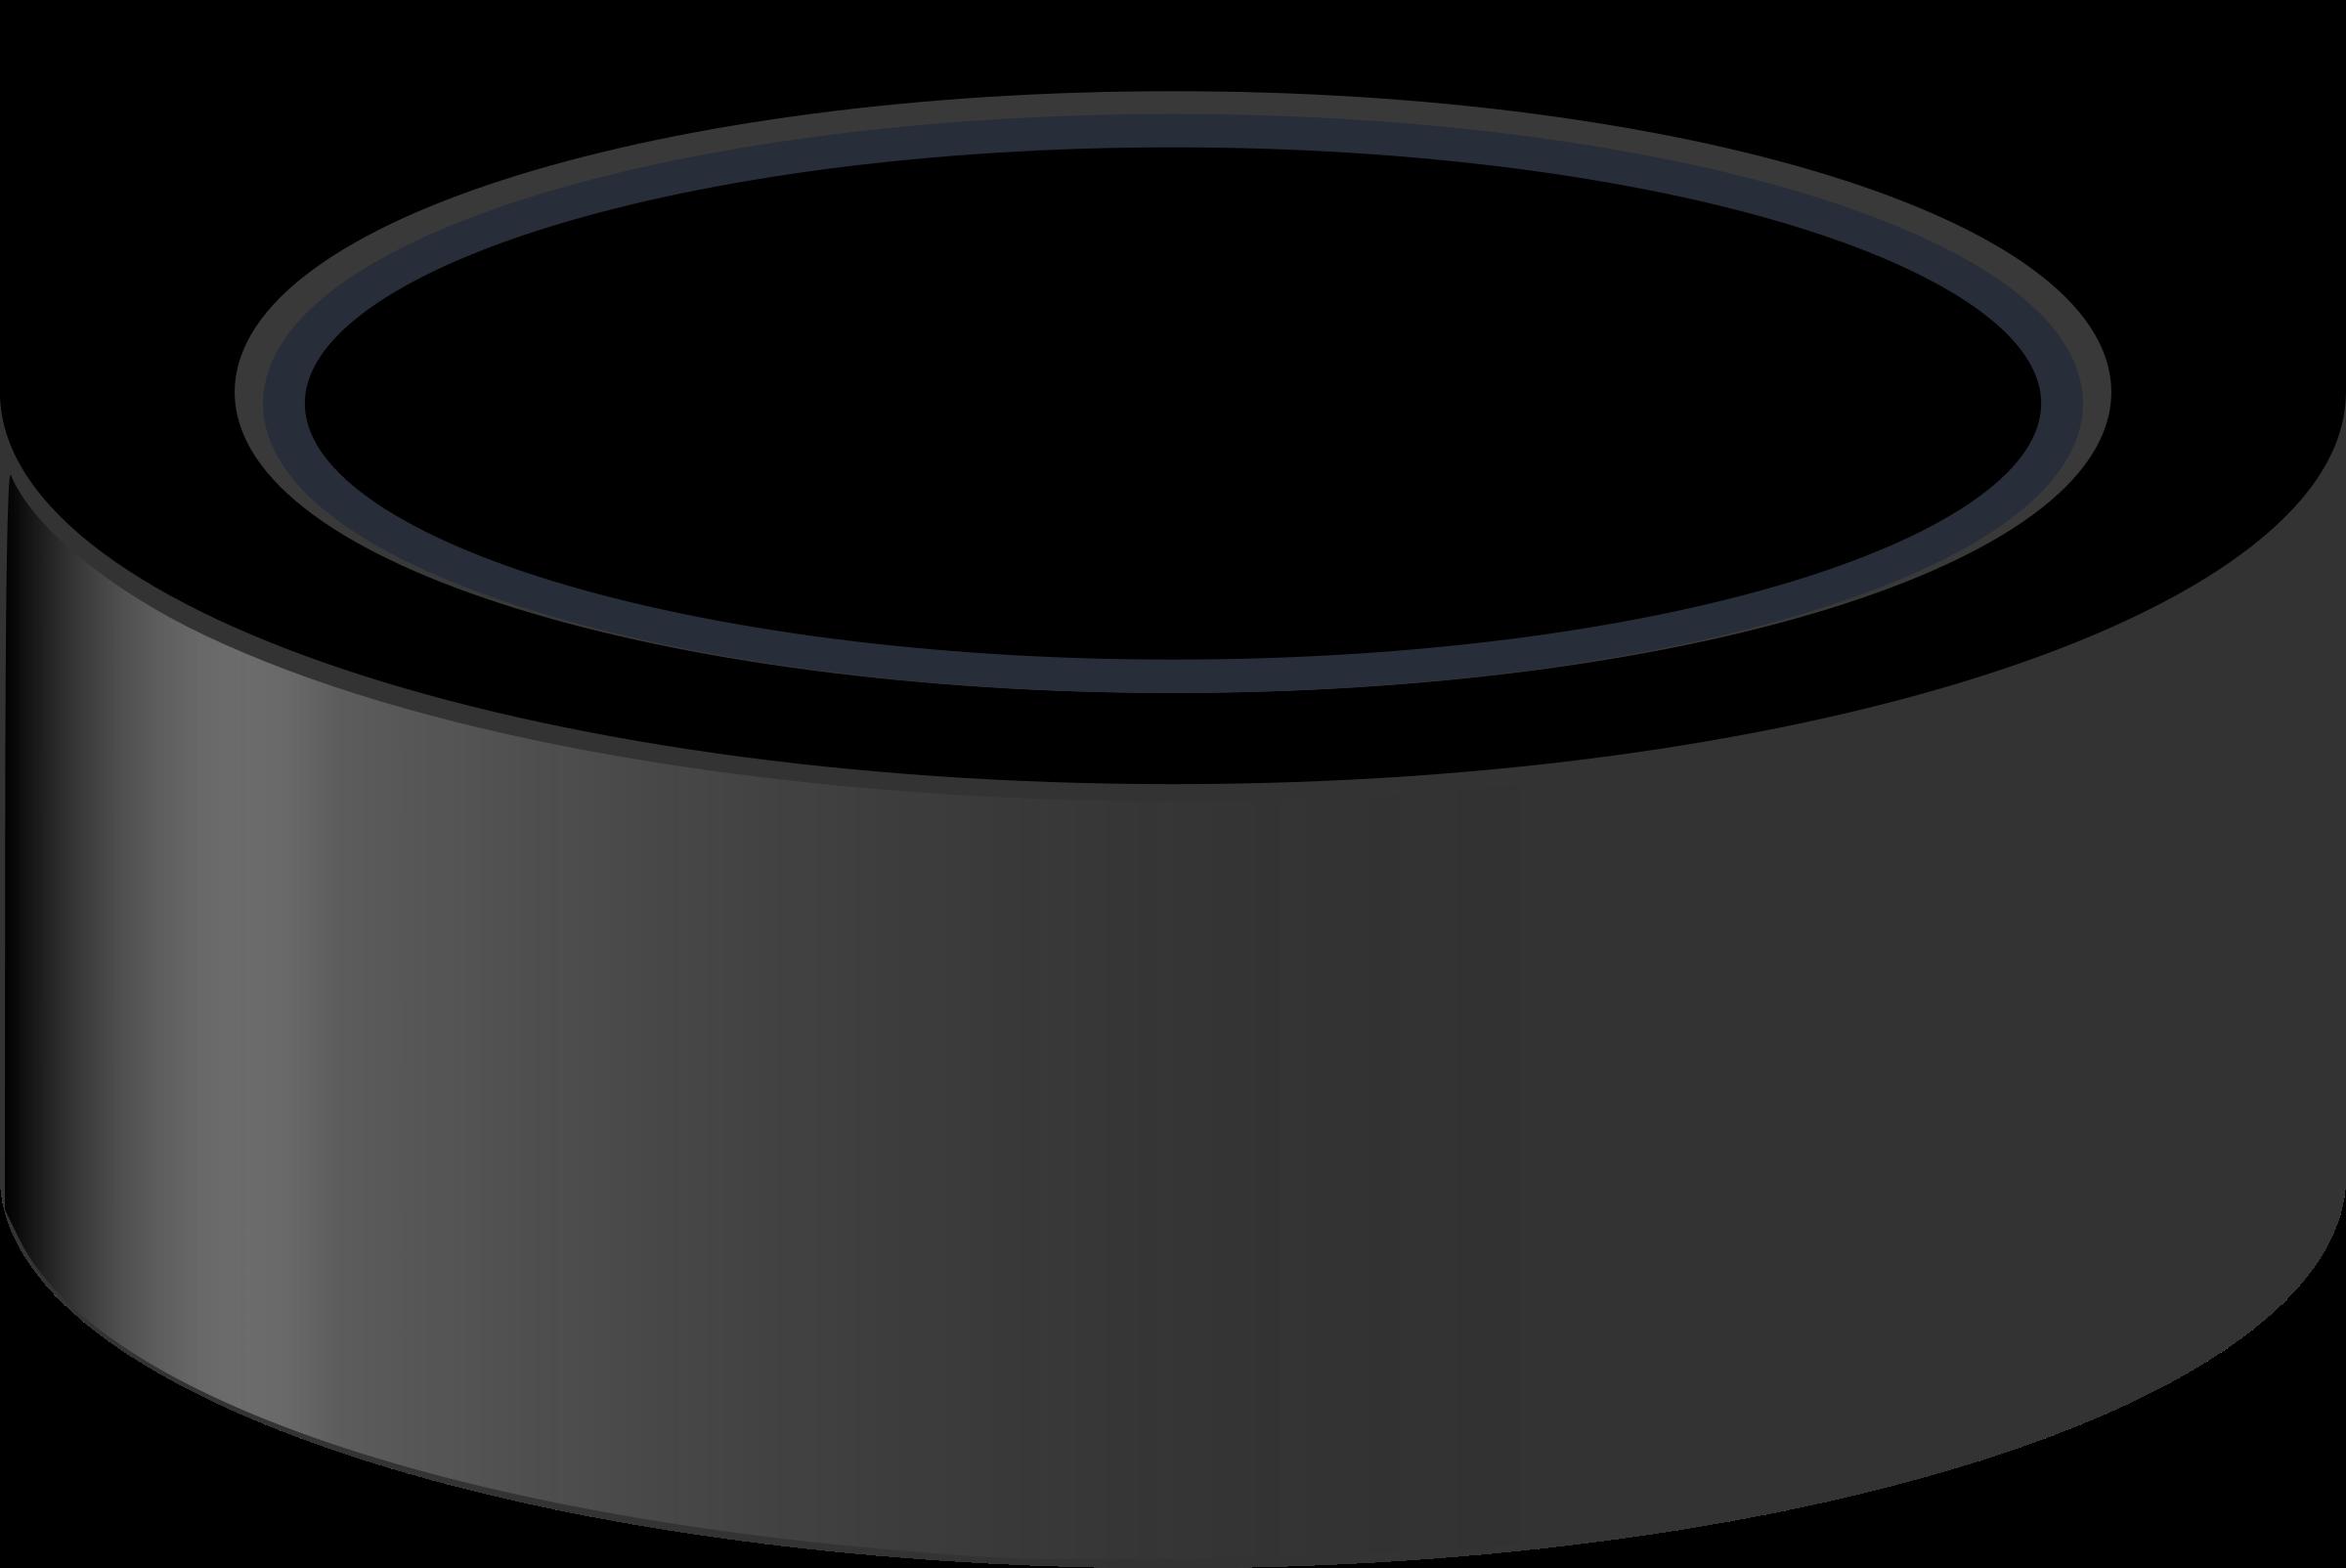 BIG IMAGE (PNG) - PNG Hockey Puck